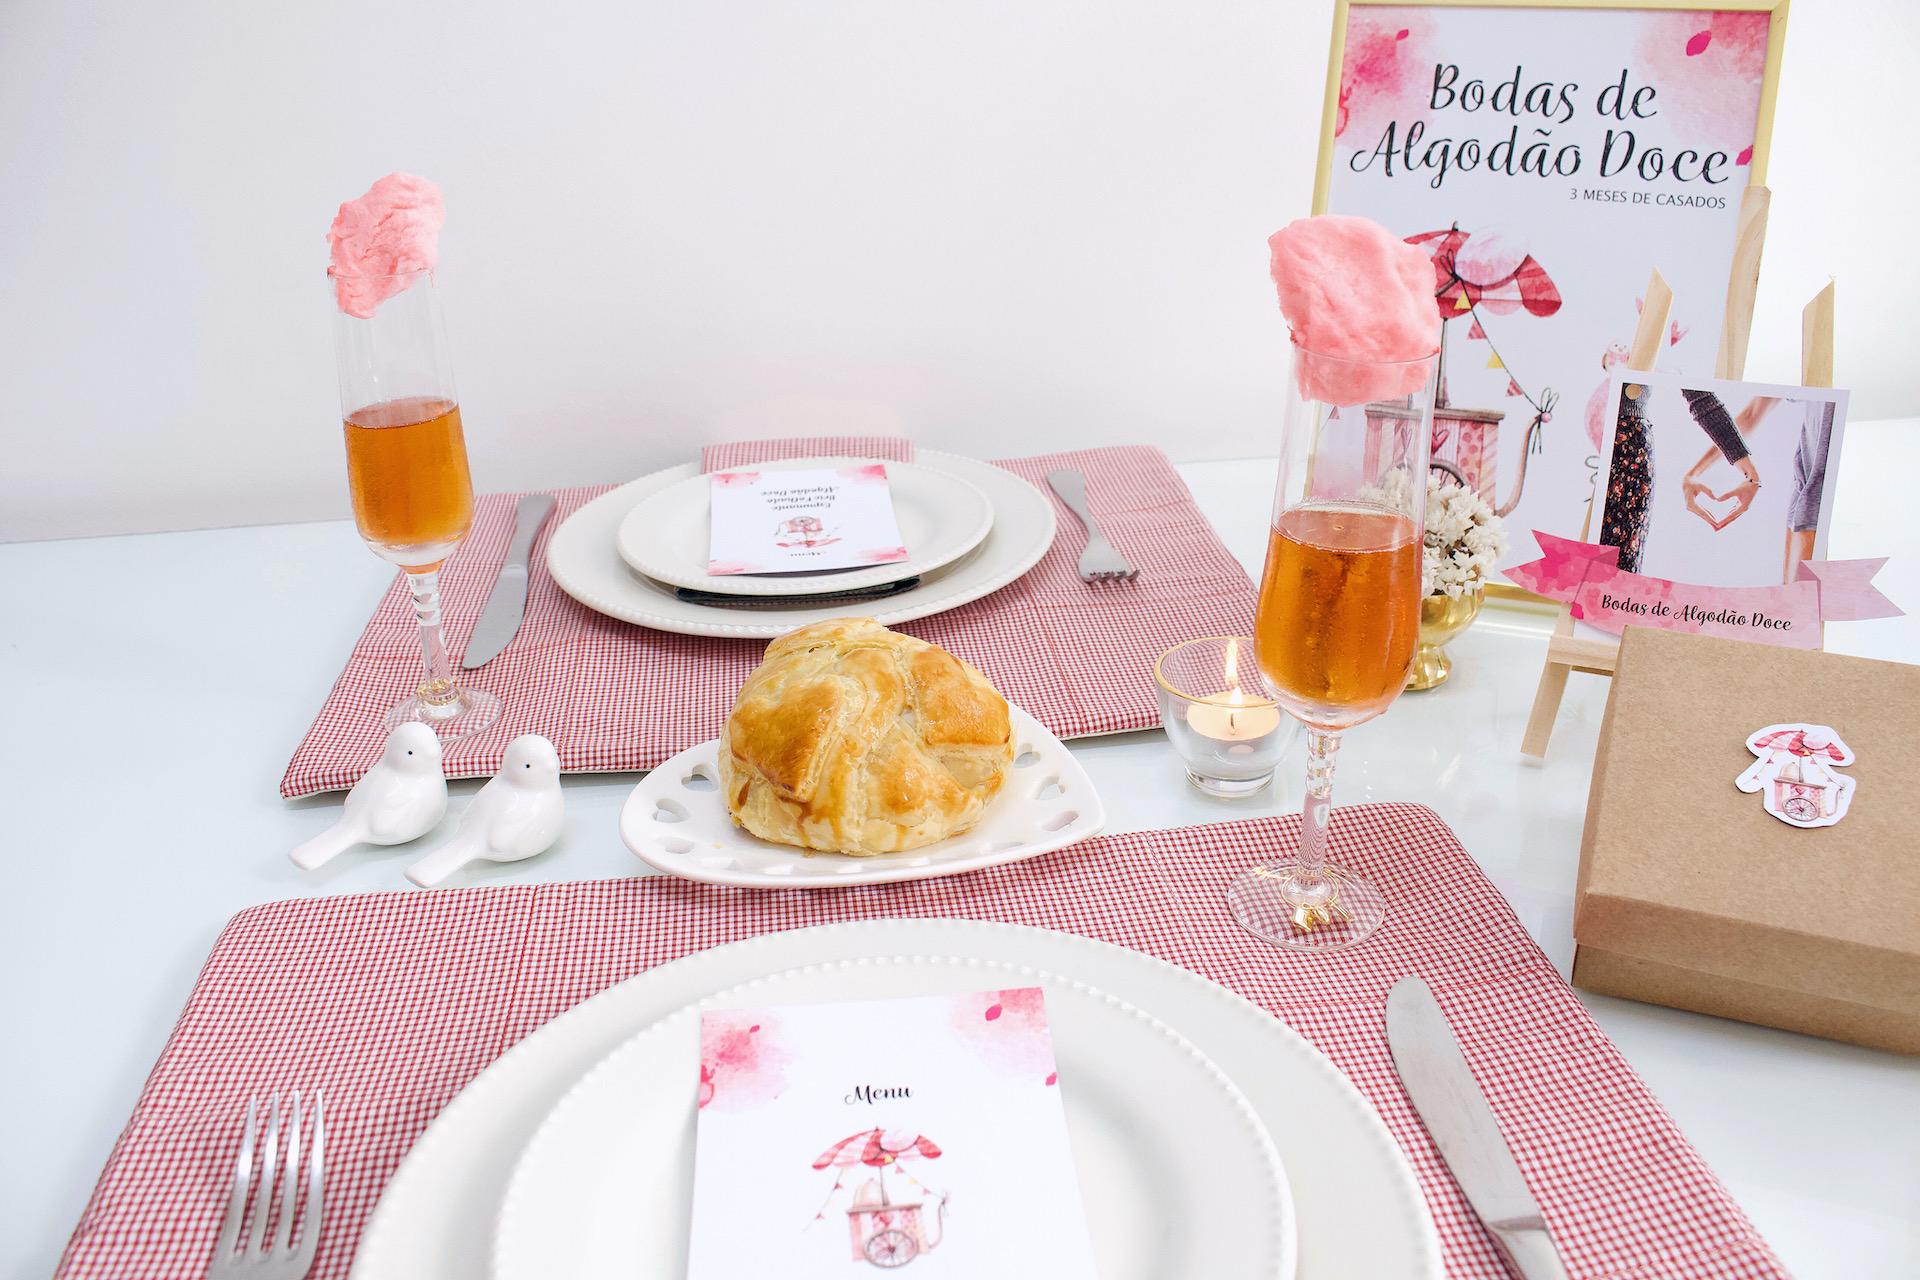 mesa posta bodas de algodão doce